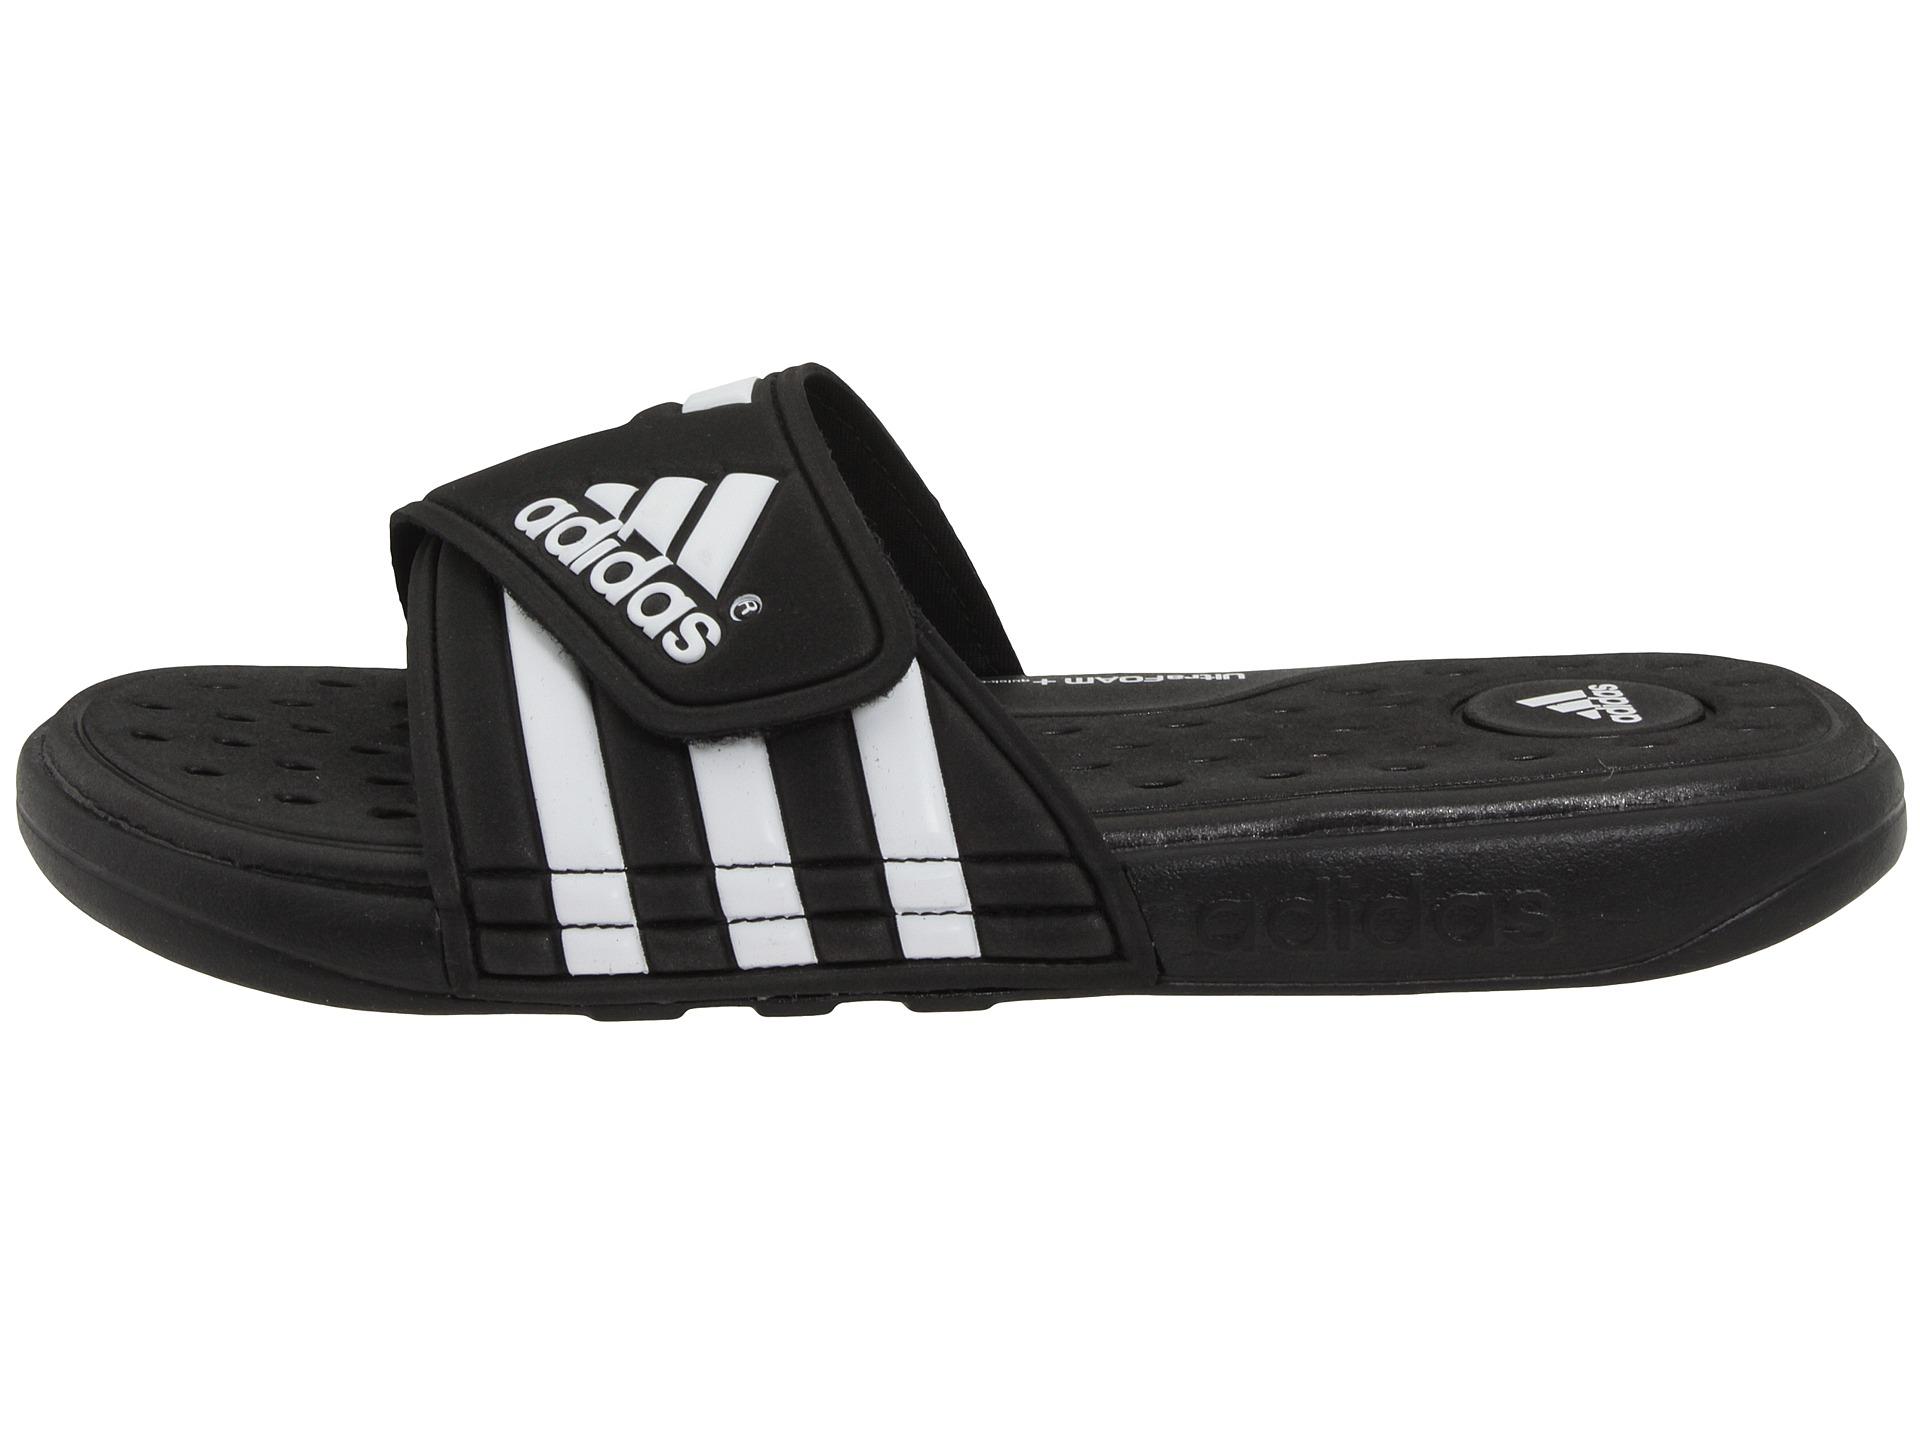 Adidas Uomo adissage sc slide sandal on sale >off68%)